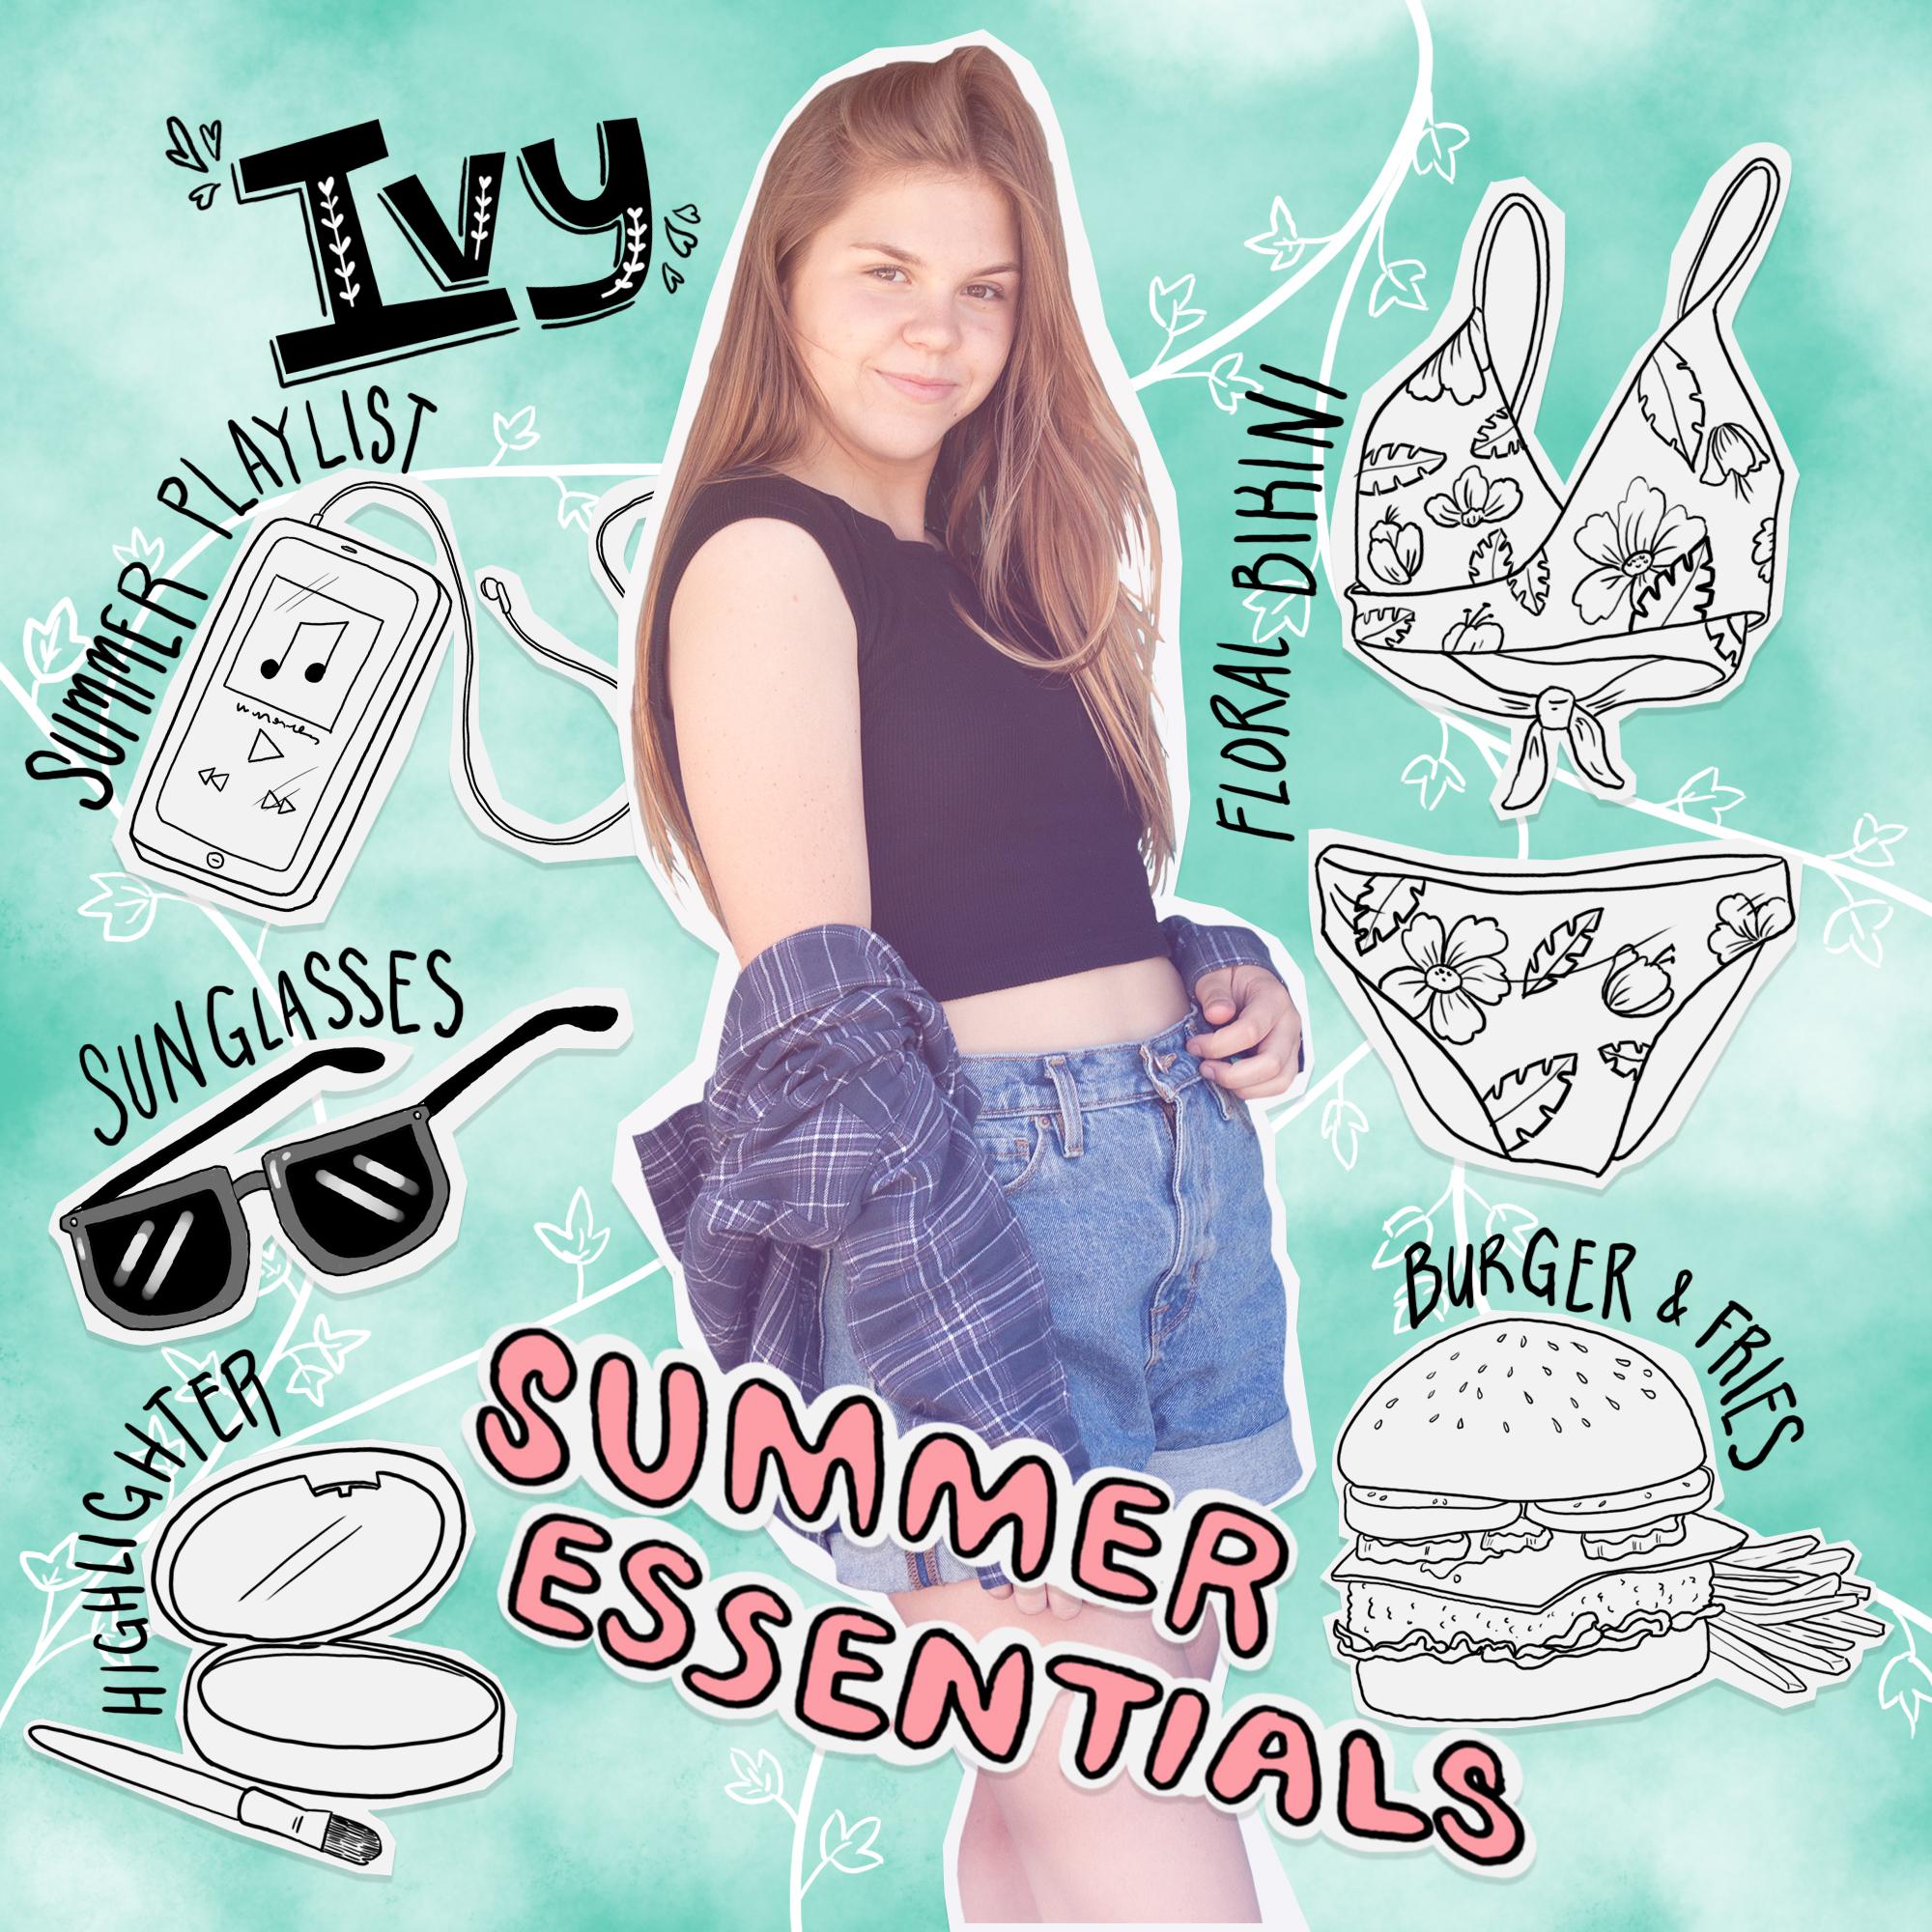 Ivy_Summer_essentials.jpg